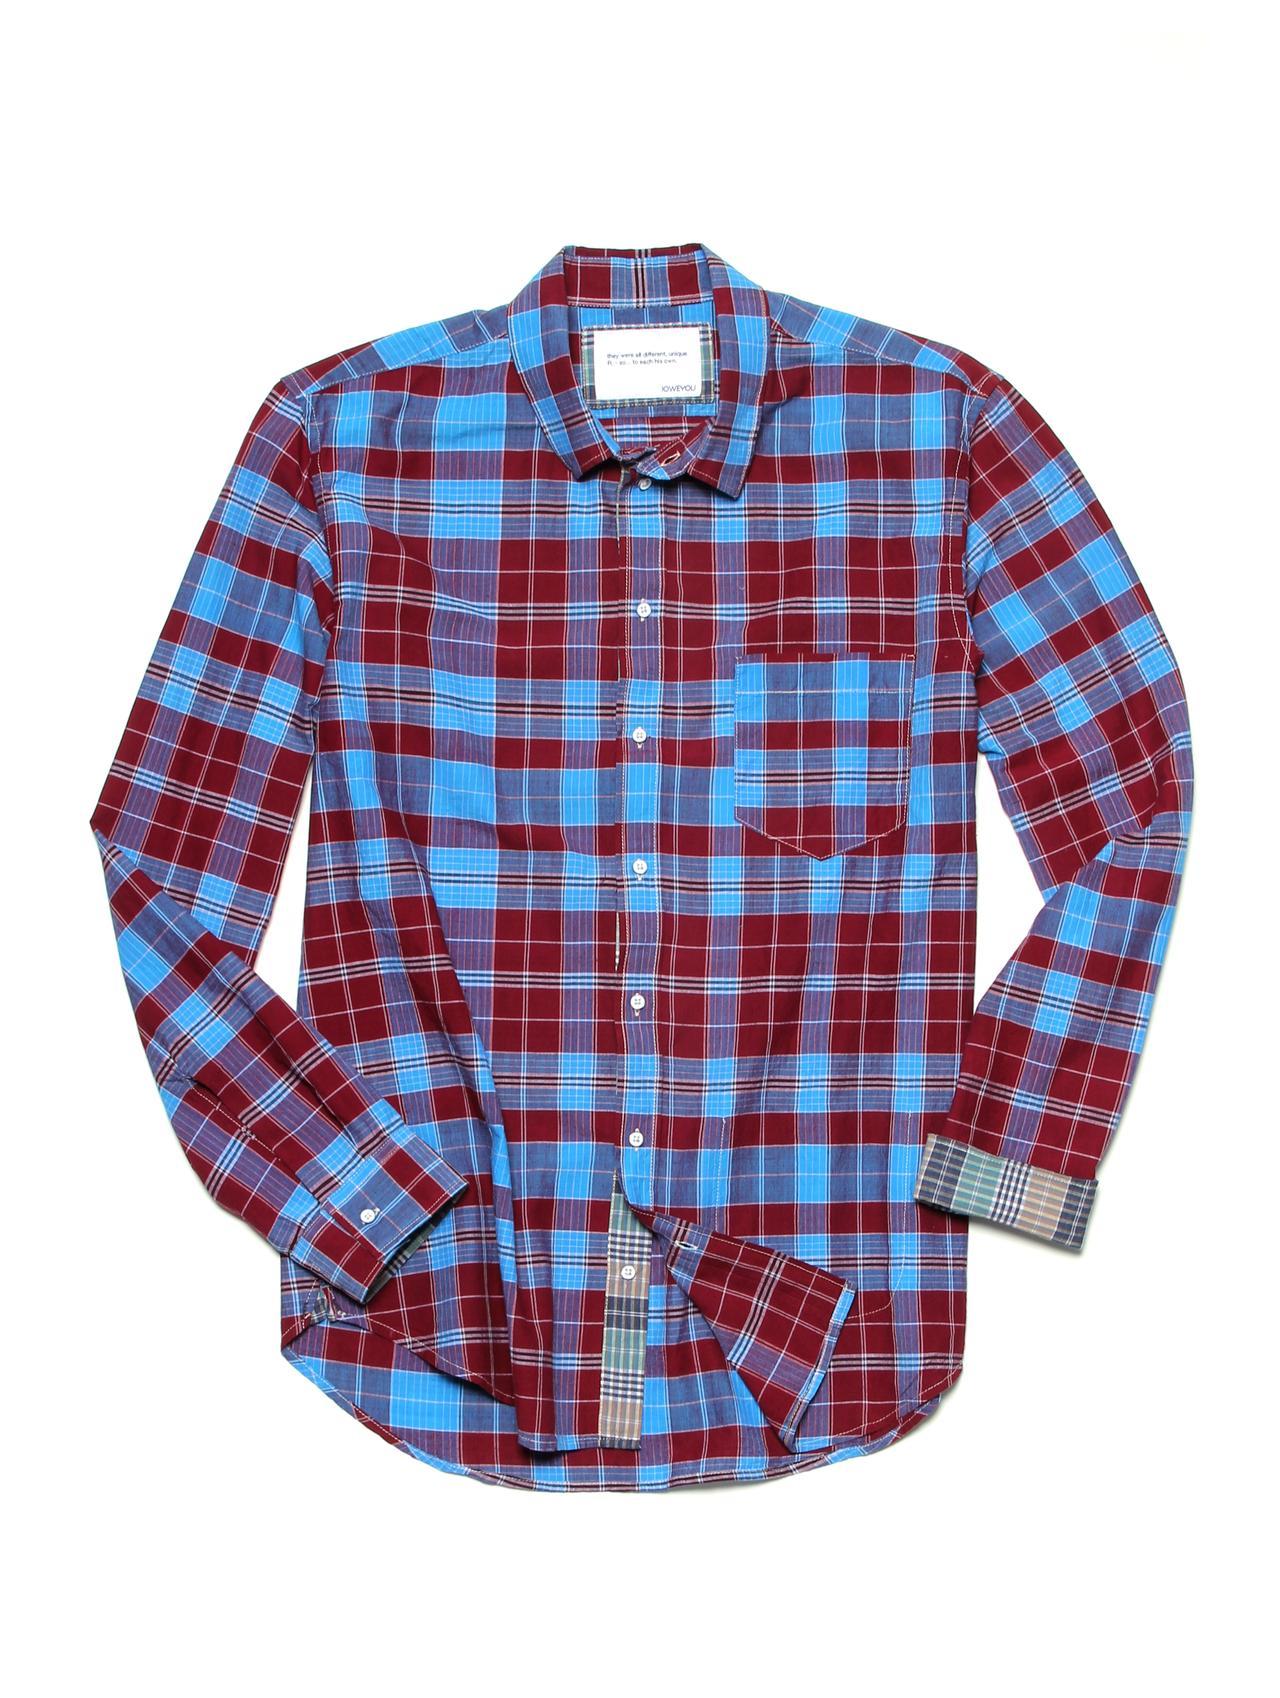 The Real Madras Shirt. Tops for Men Handmade. IOU.